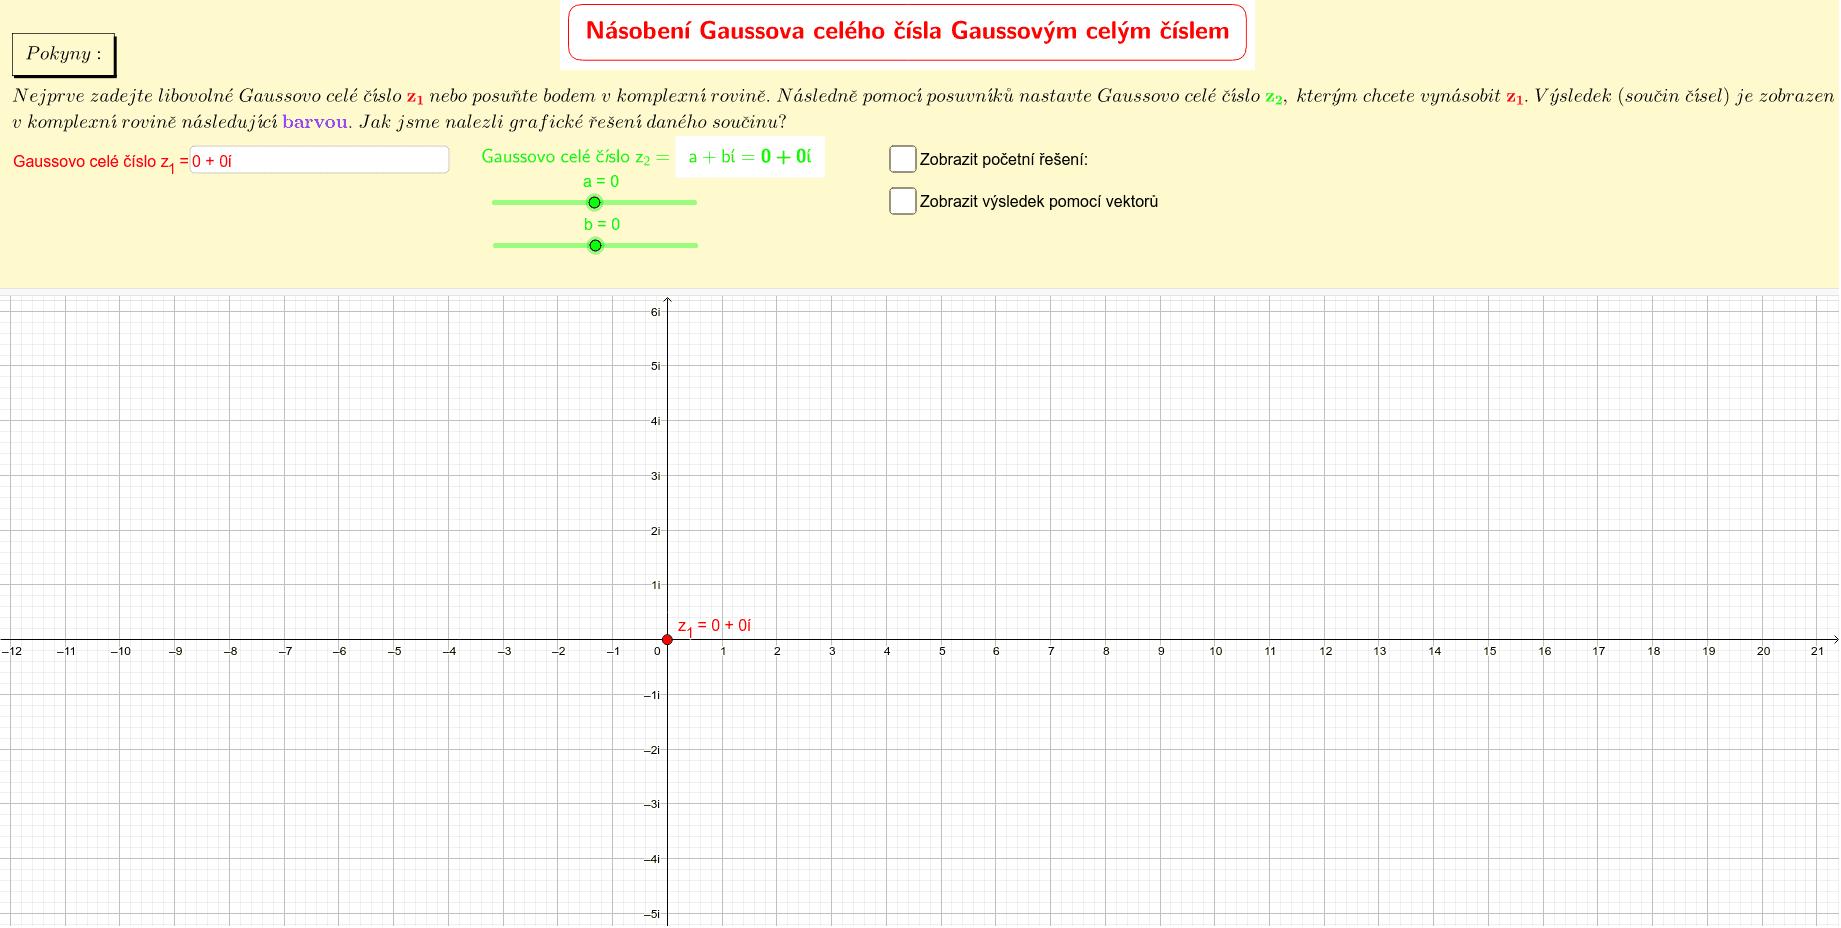 Vynásobení Gaussova celého čísla Gaussovým celým číslem